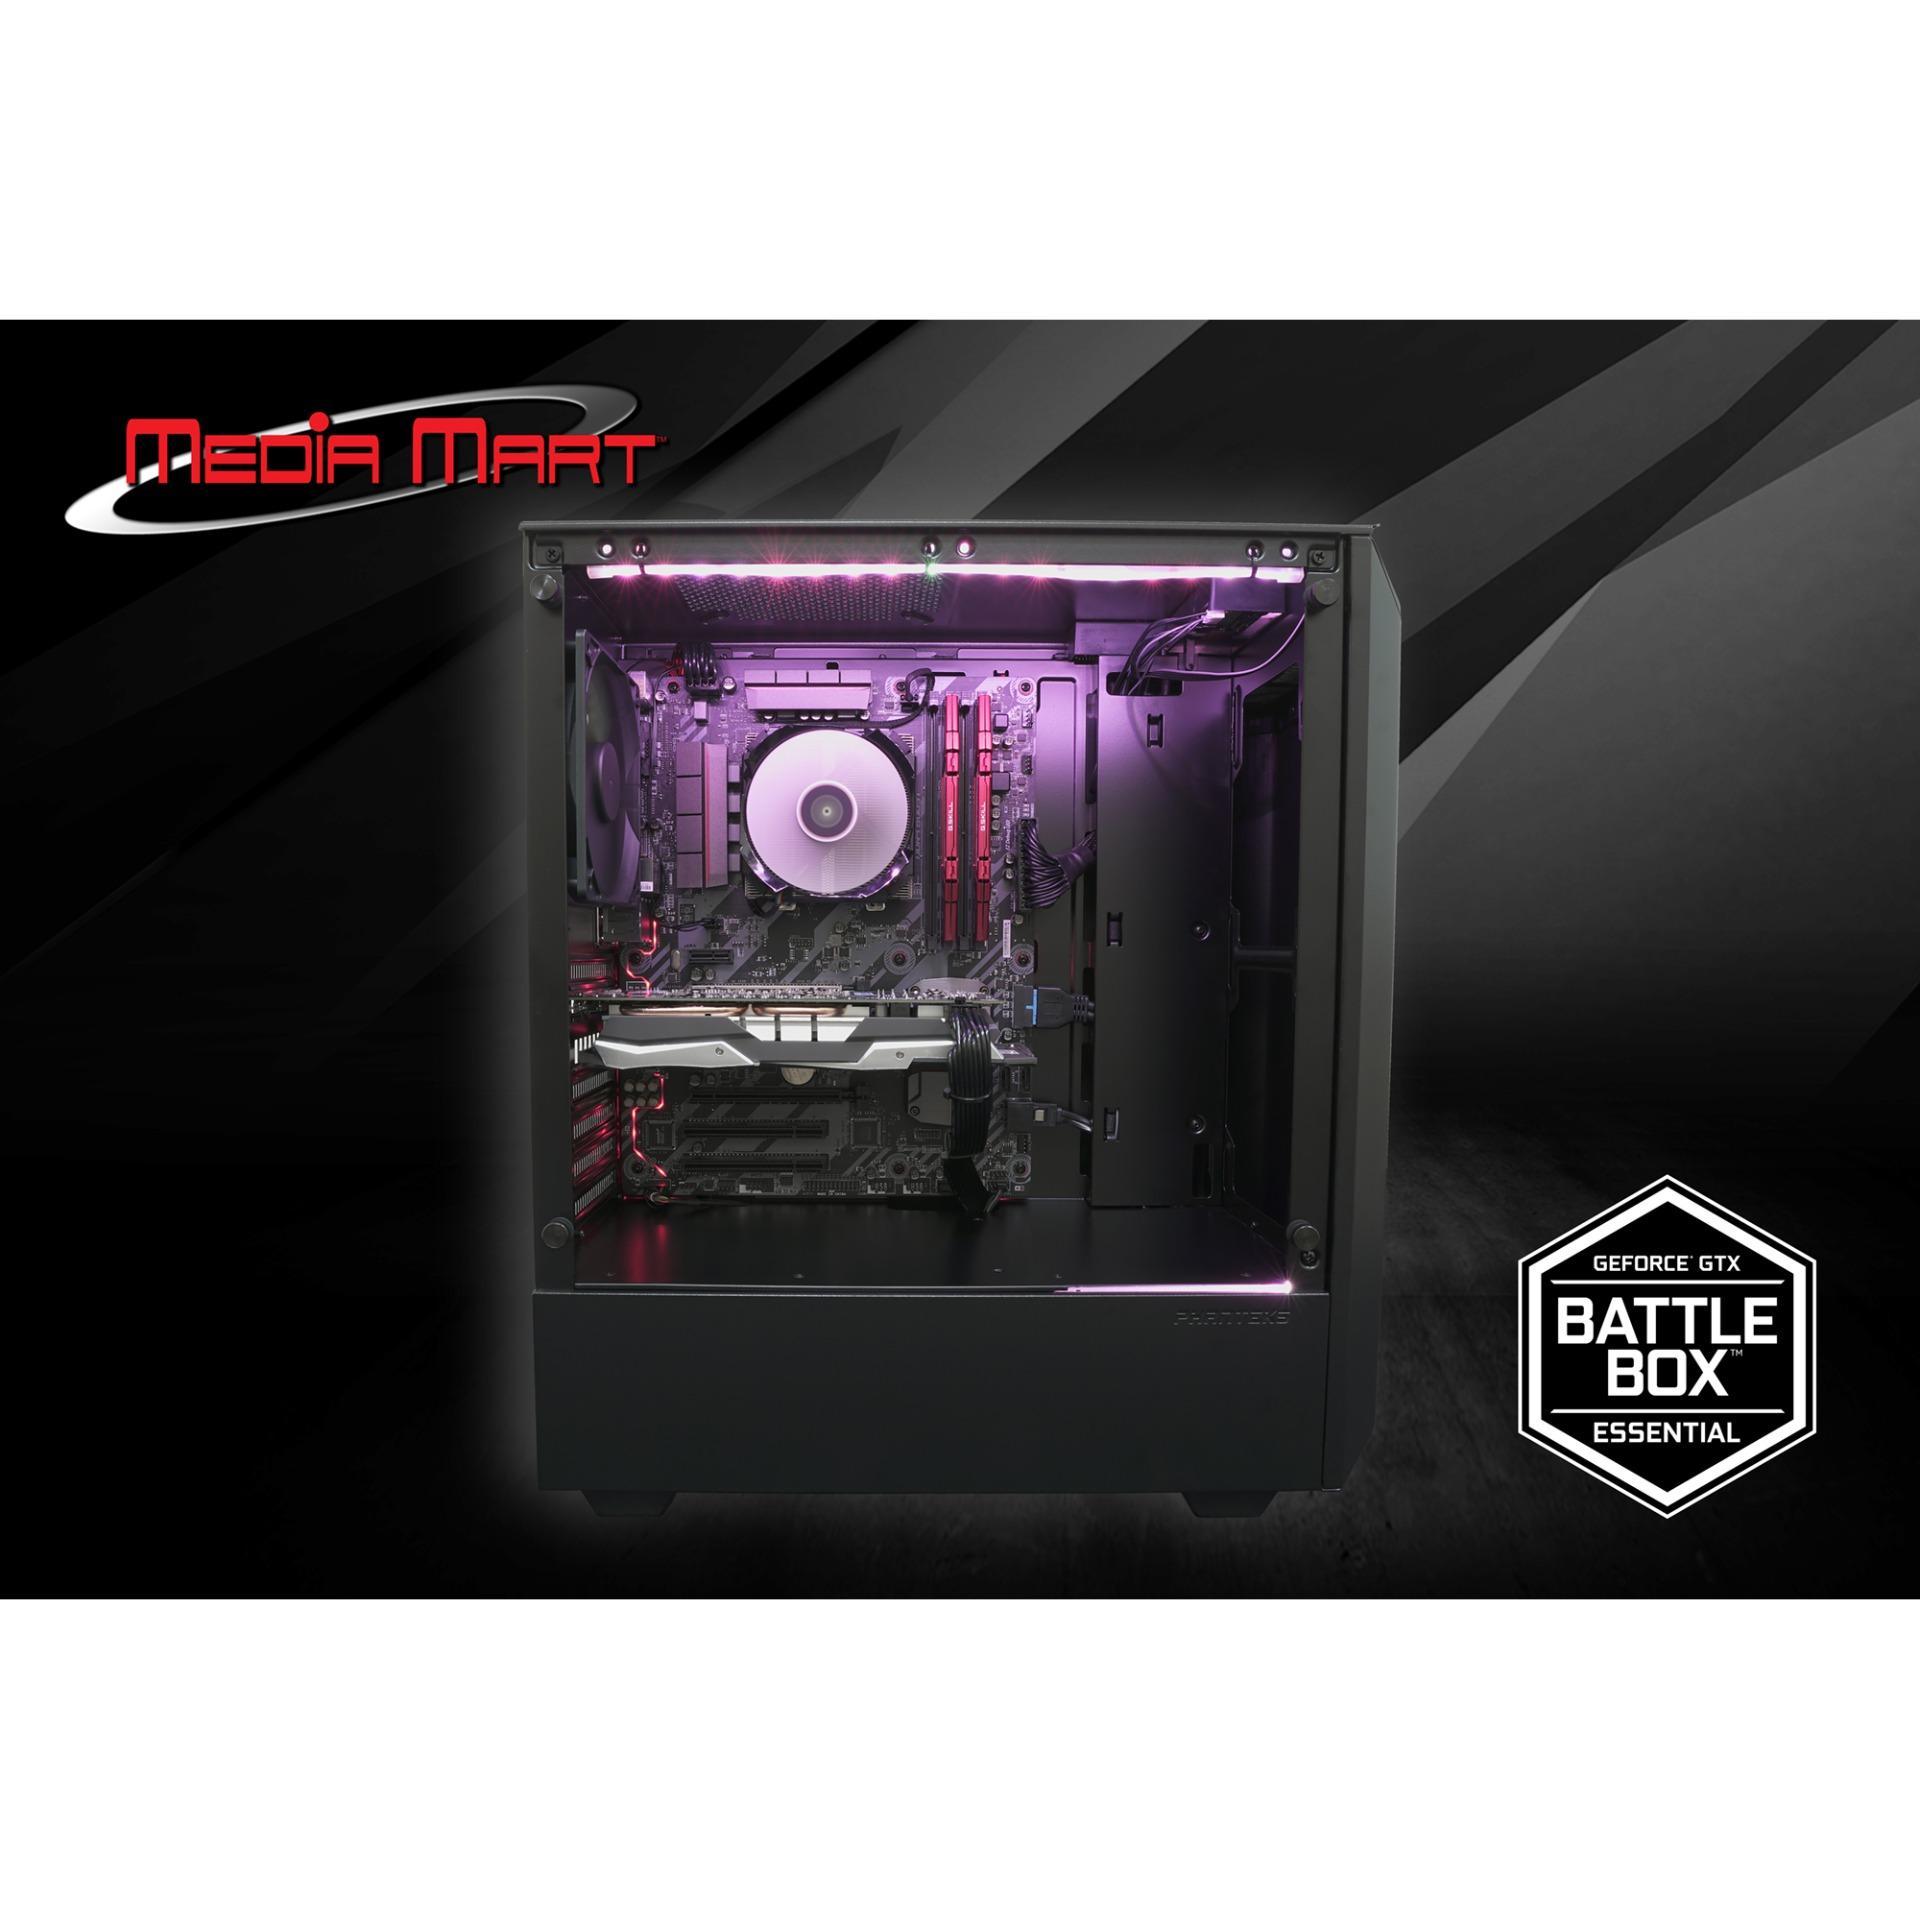 GeForce BattleBox Essential